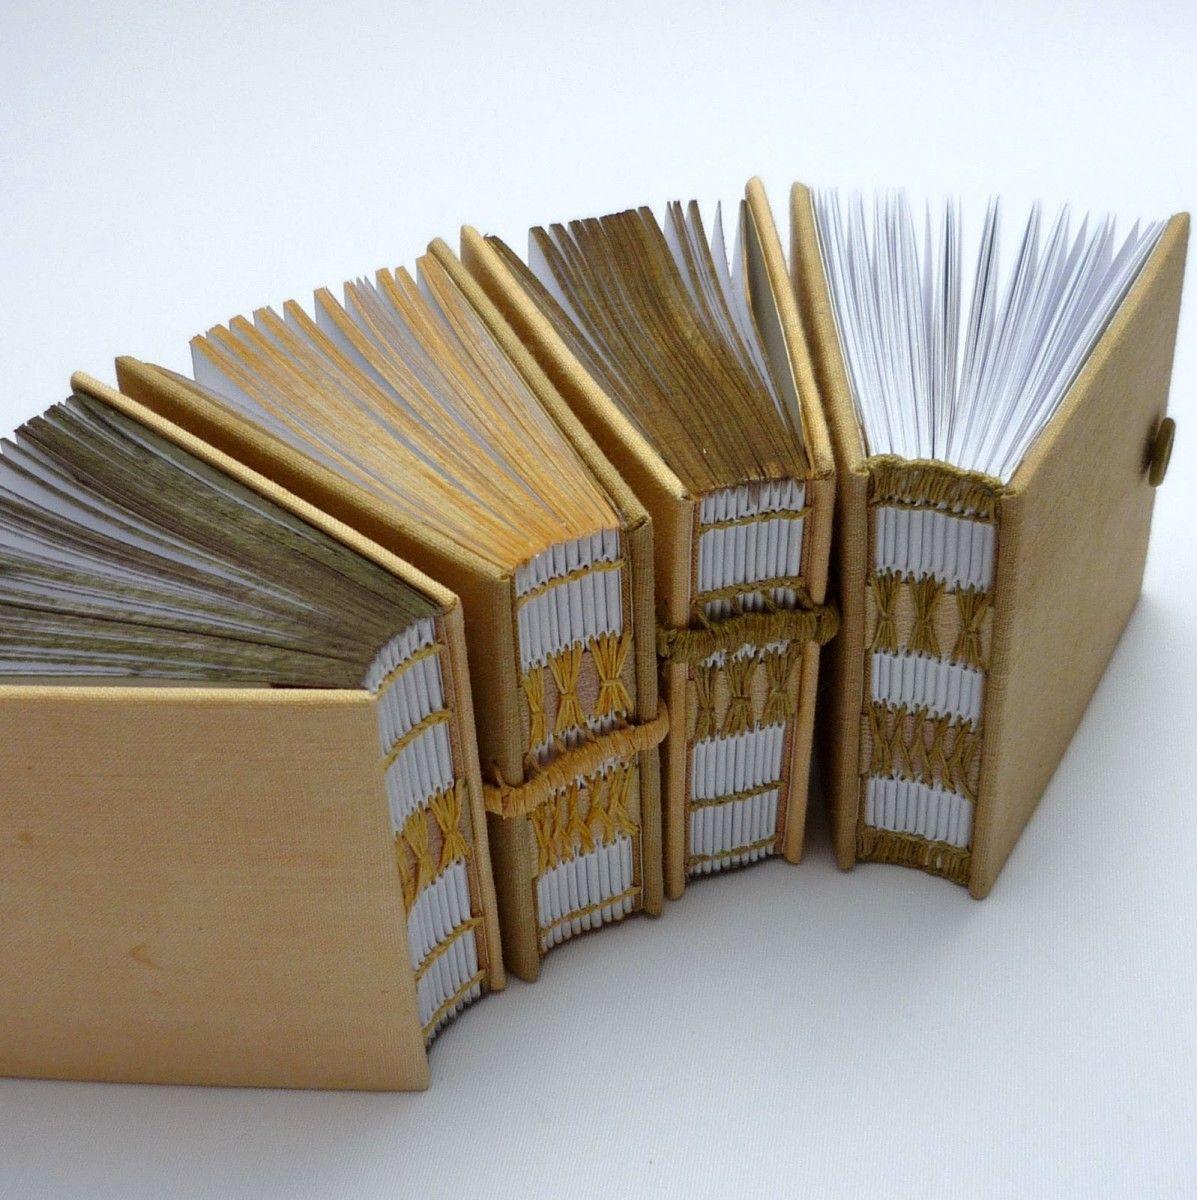 Signature Designs Stitching Ideas I Bookbinding Bookbinding Bookbinding Tutorial Book Binding